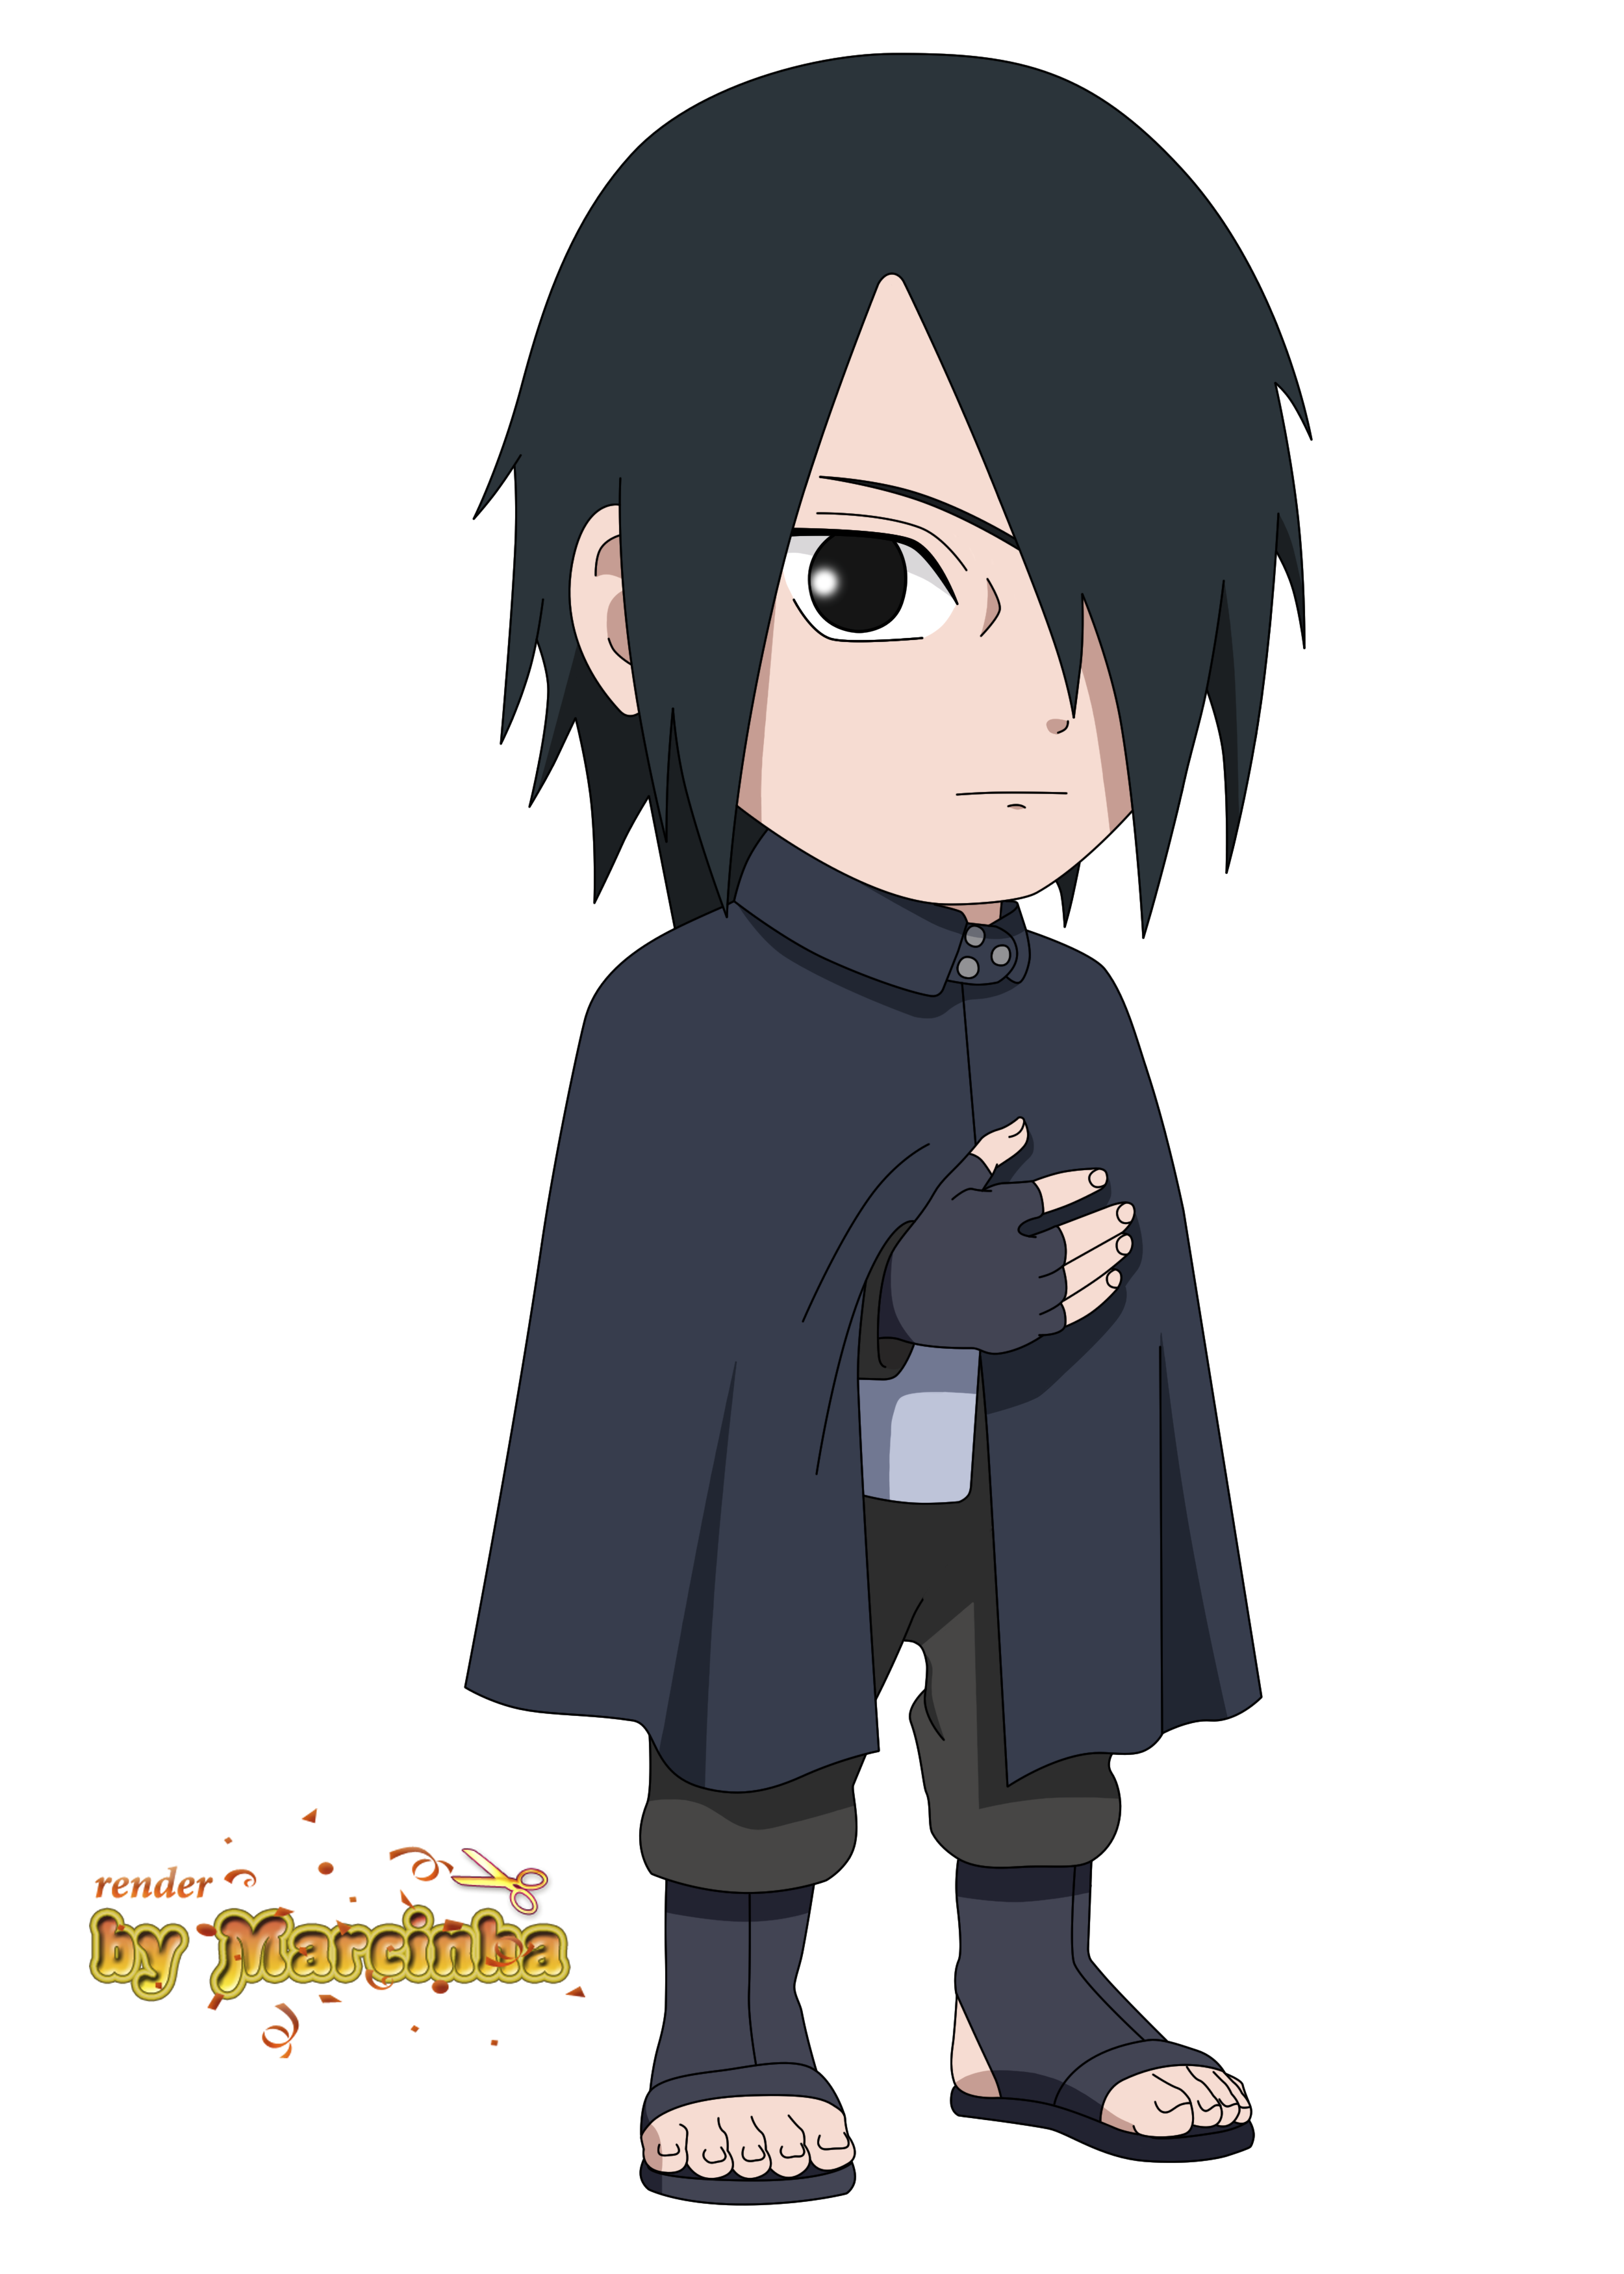 sasuke uchiha chibi wallpaper wwwpixsharkcom images